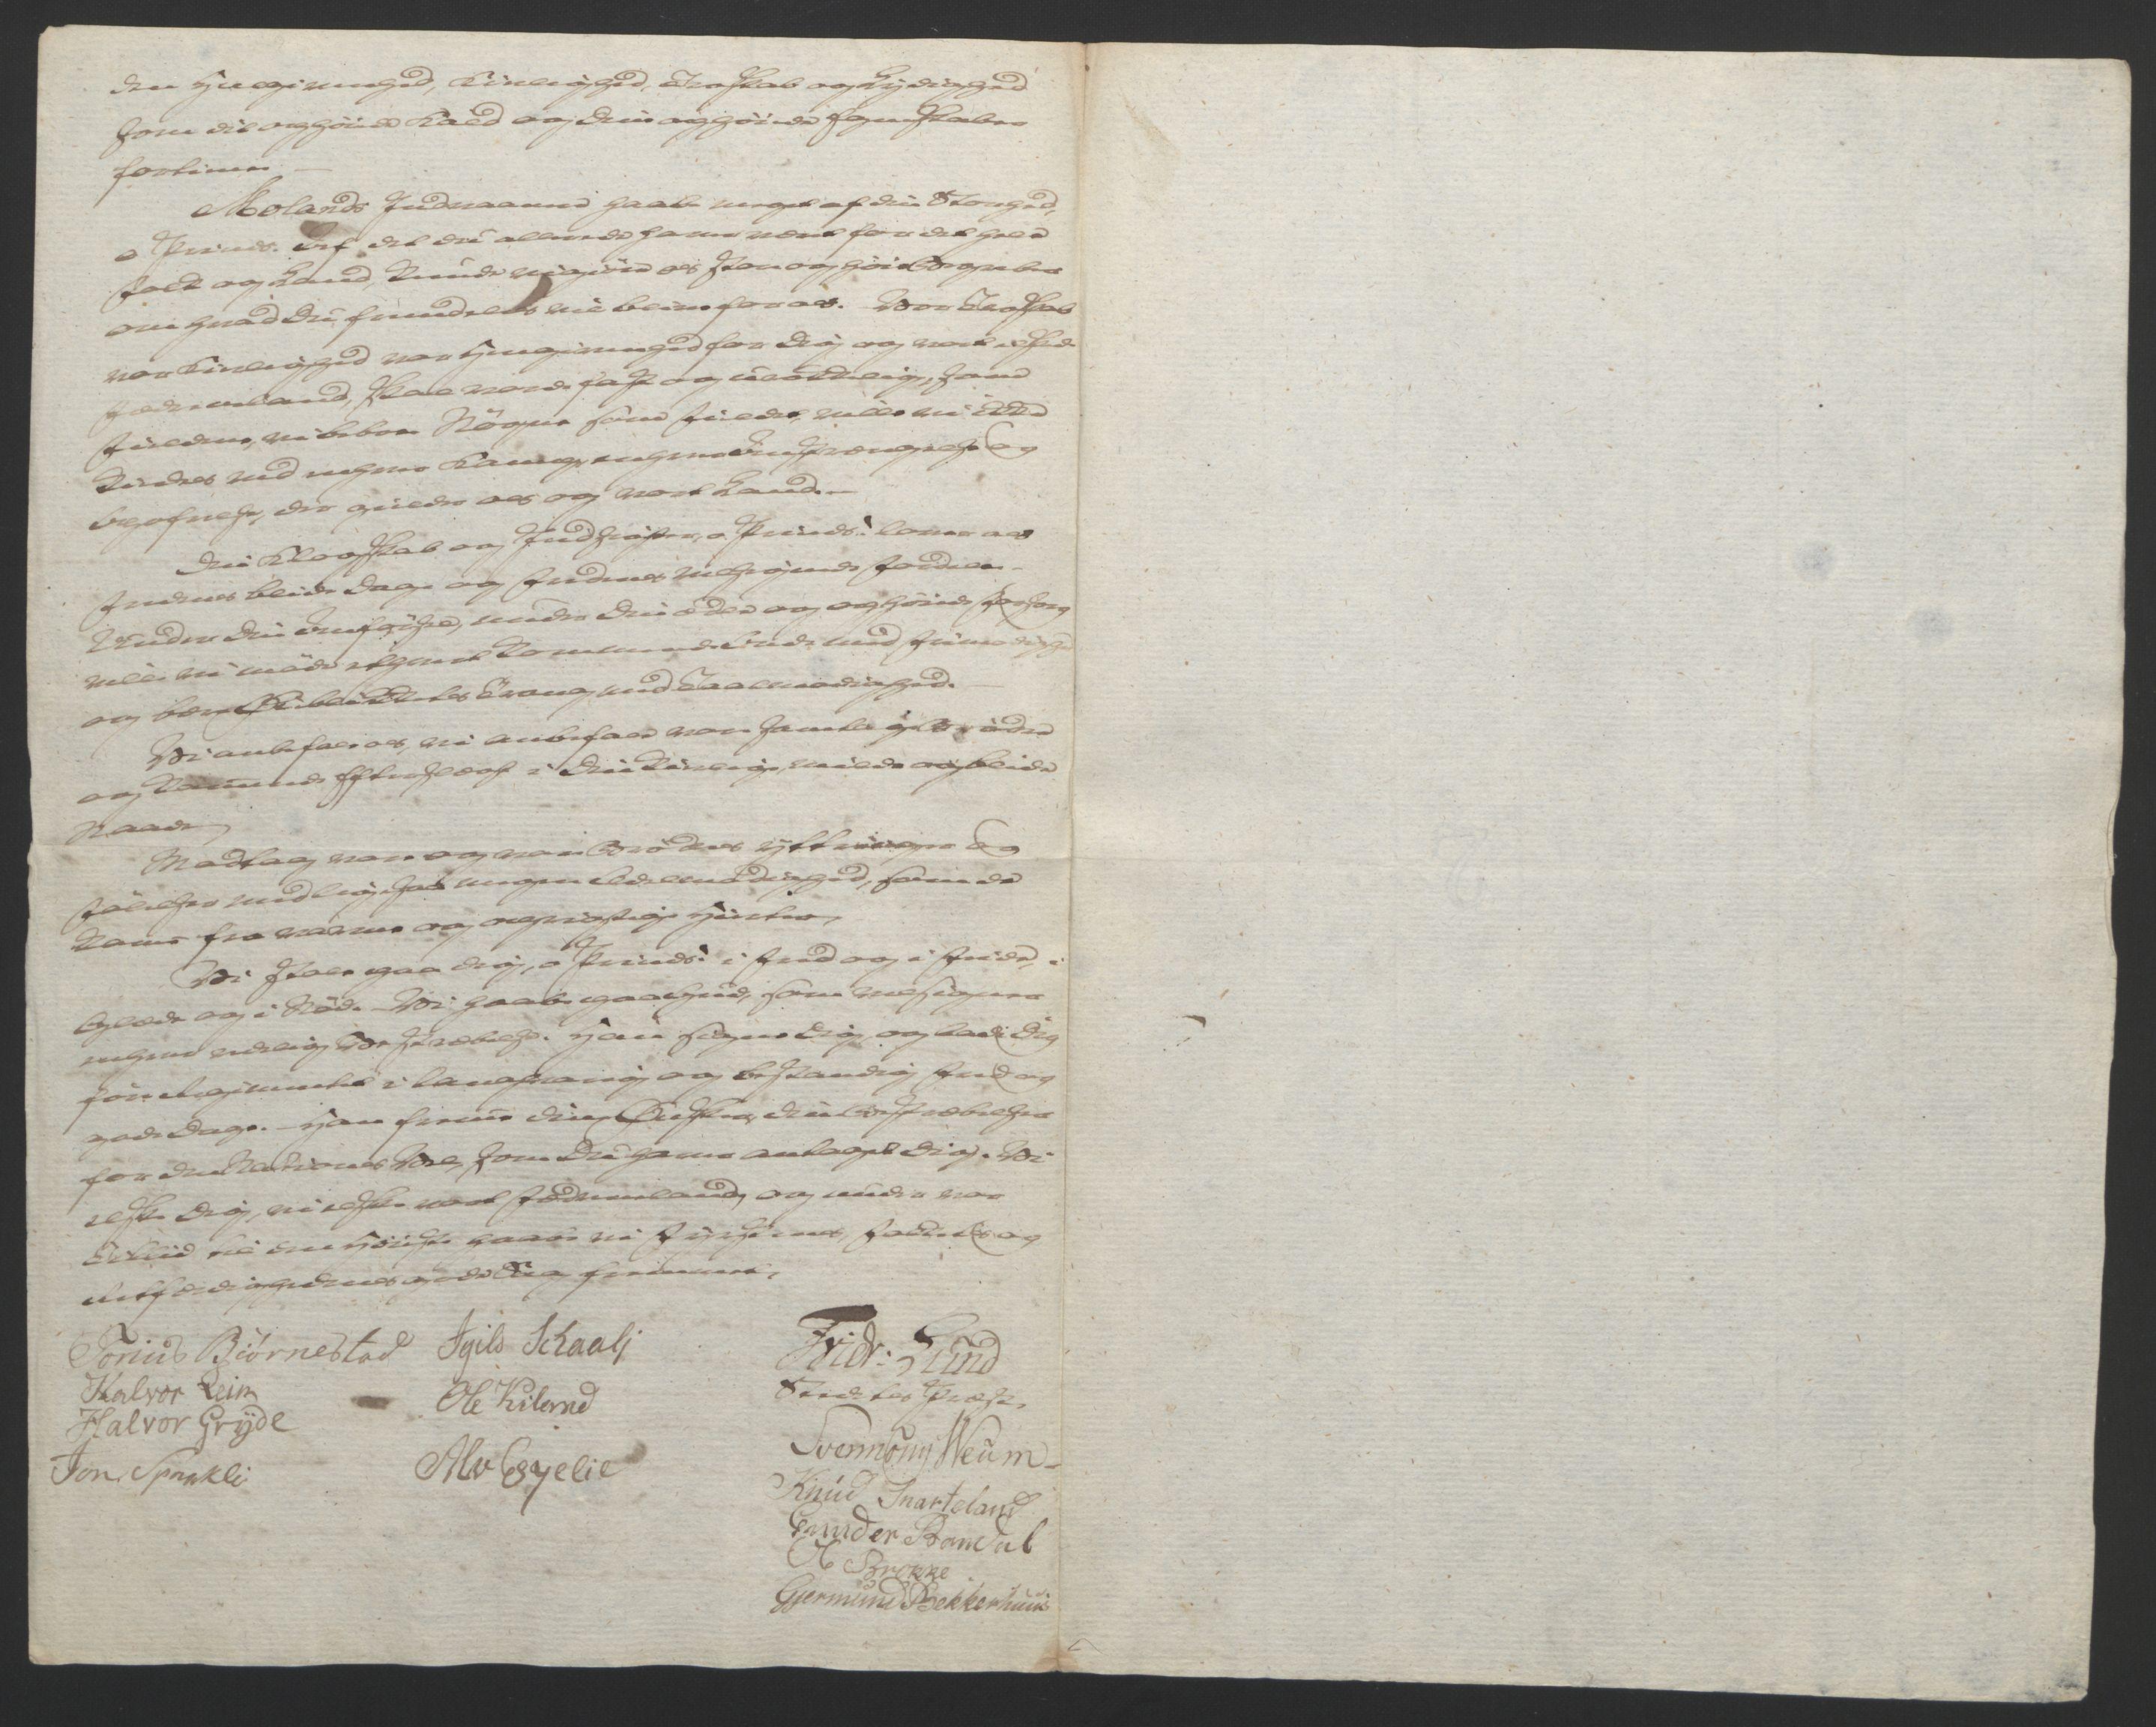 RA, Statsrådssekretariatet, D/Db/L0008: Fullmakter for Eidsvollsrepresentantene i 1814. , 1814, s. 61